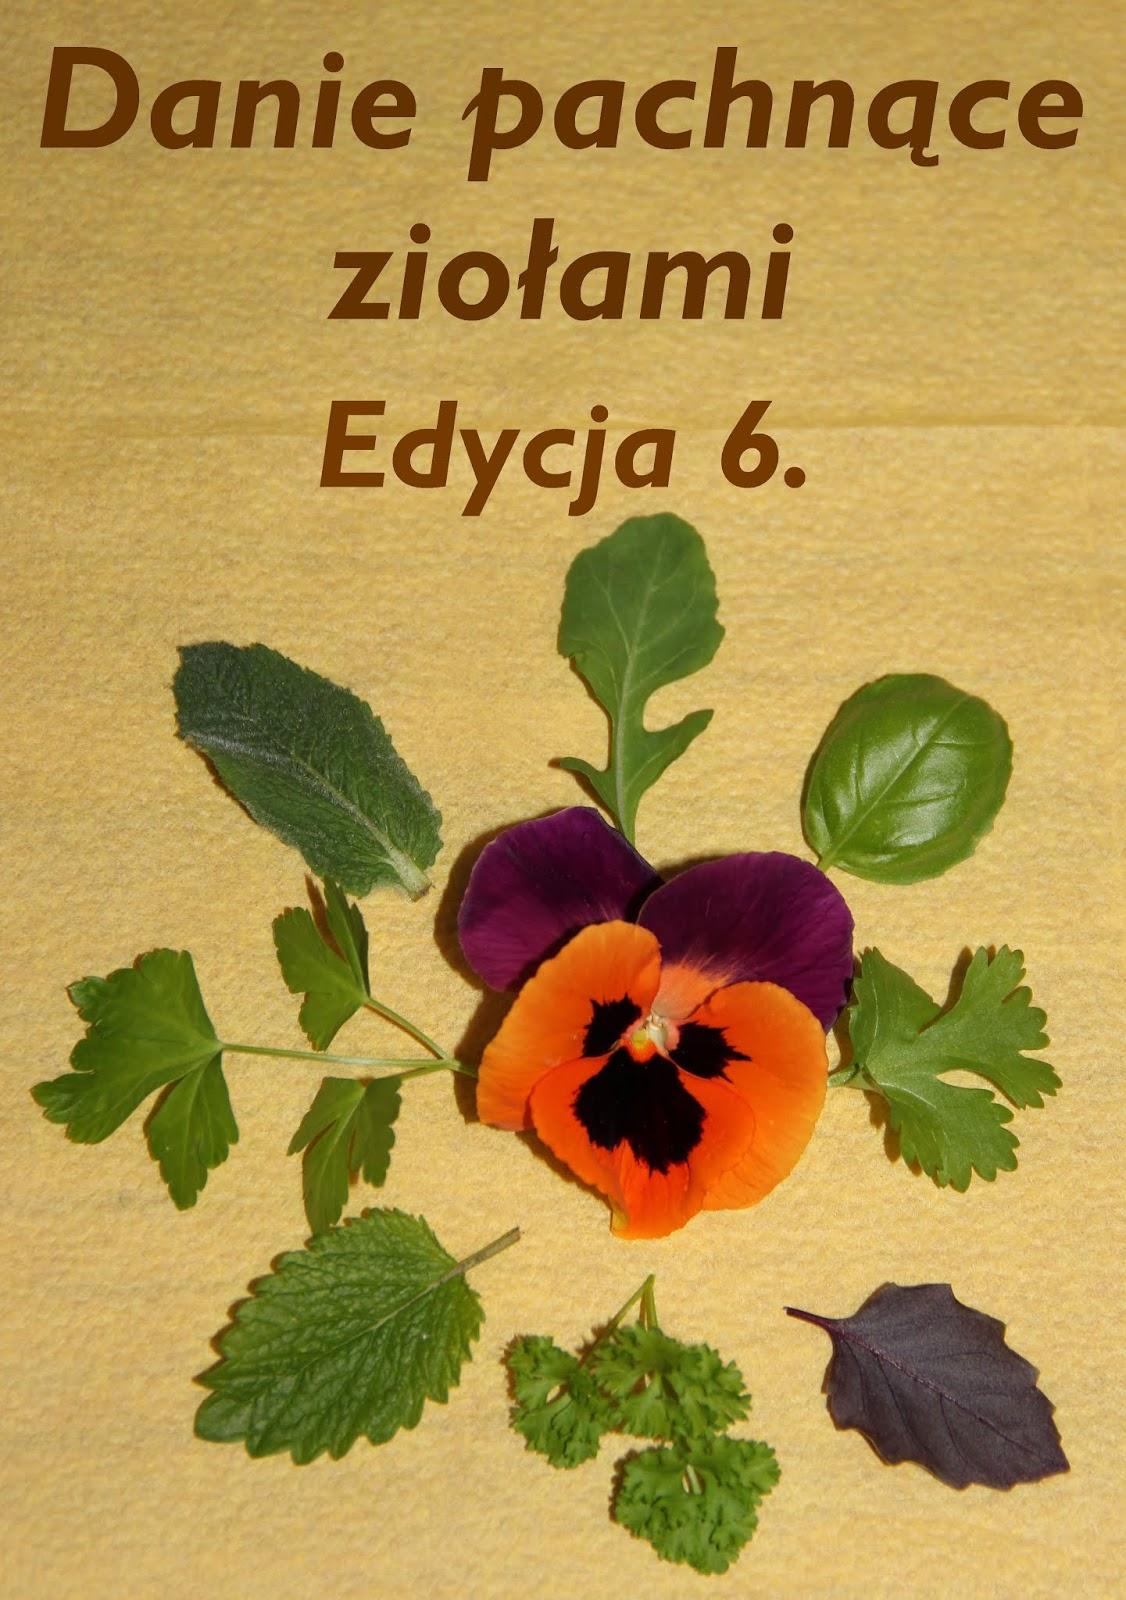 https://weekendywdomuiogrodzie.blogspot.com/2019/05/danie-pachnace-zioami-6-zaproszenie-do.html